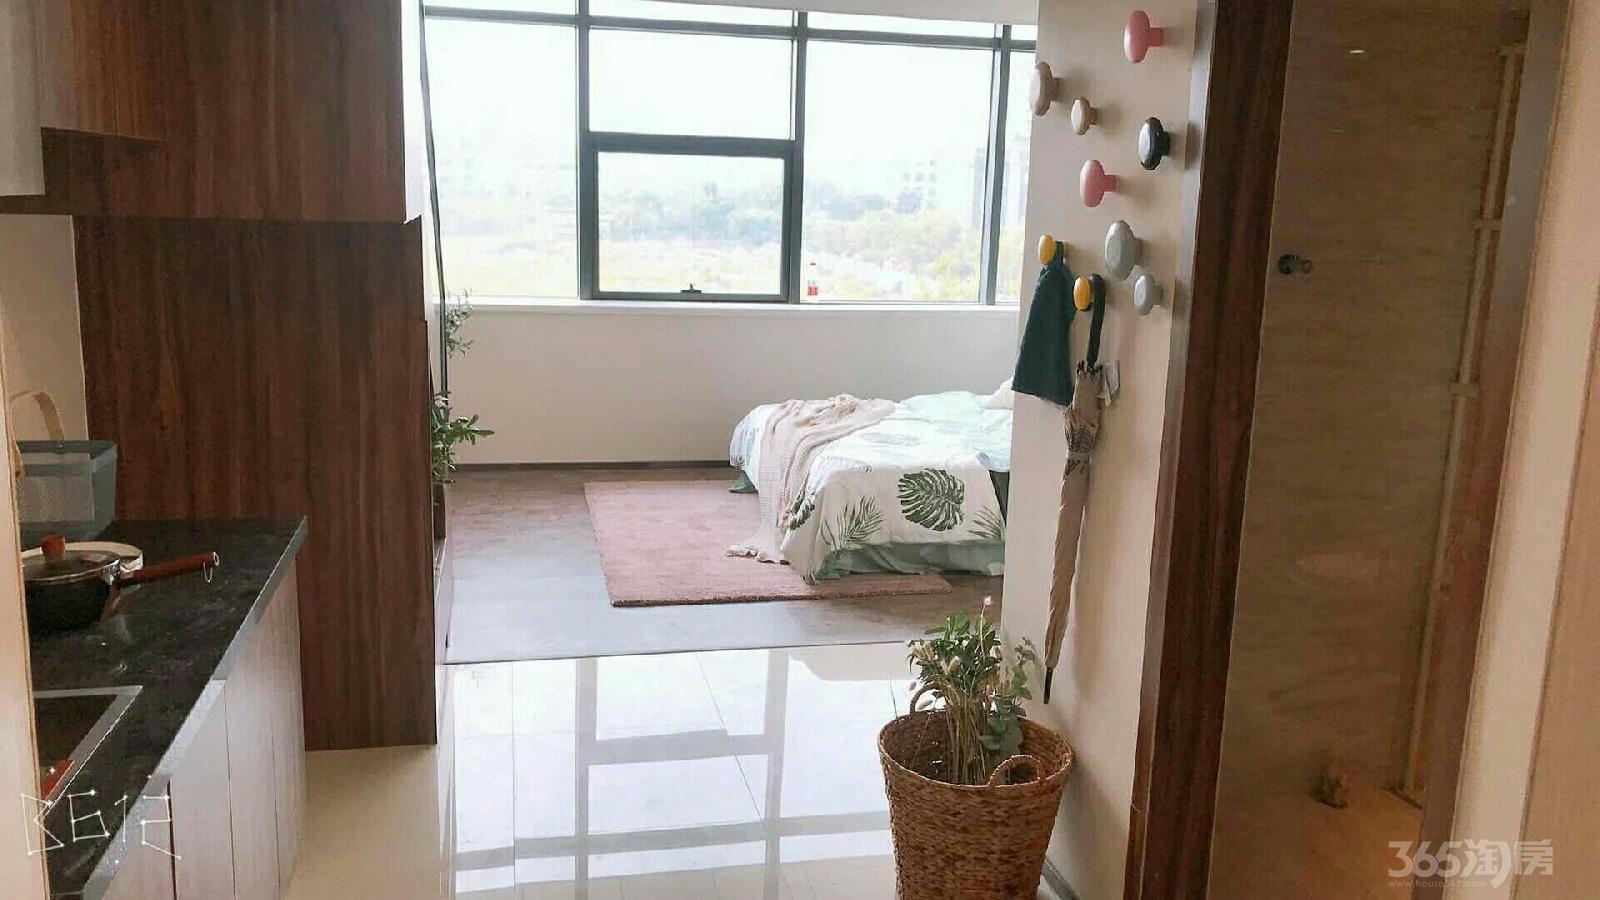 未来科技城稀缺公寓阿里巴巴三期正对面精装修现房总价